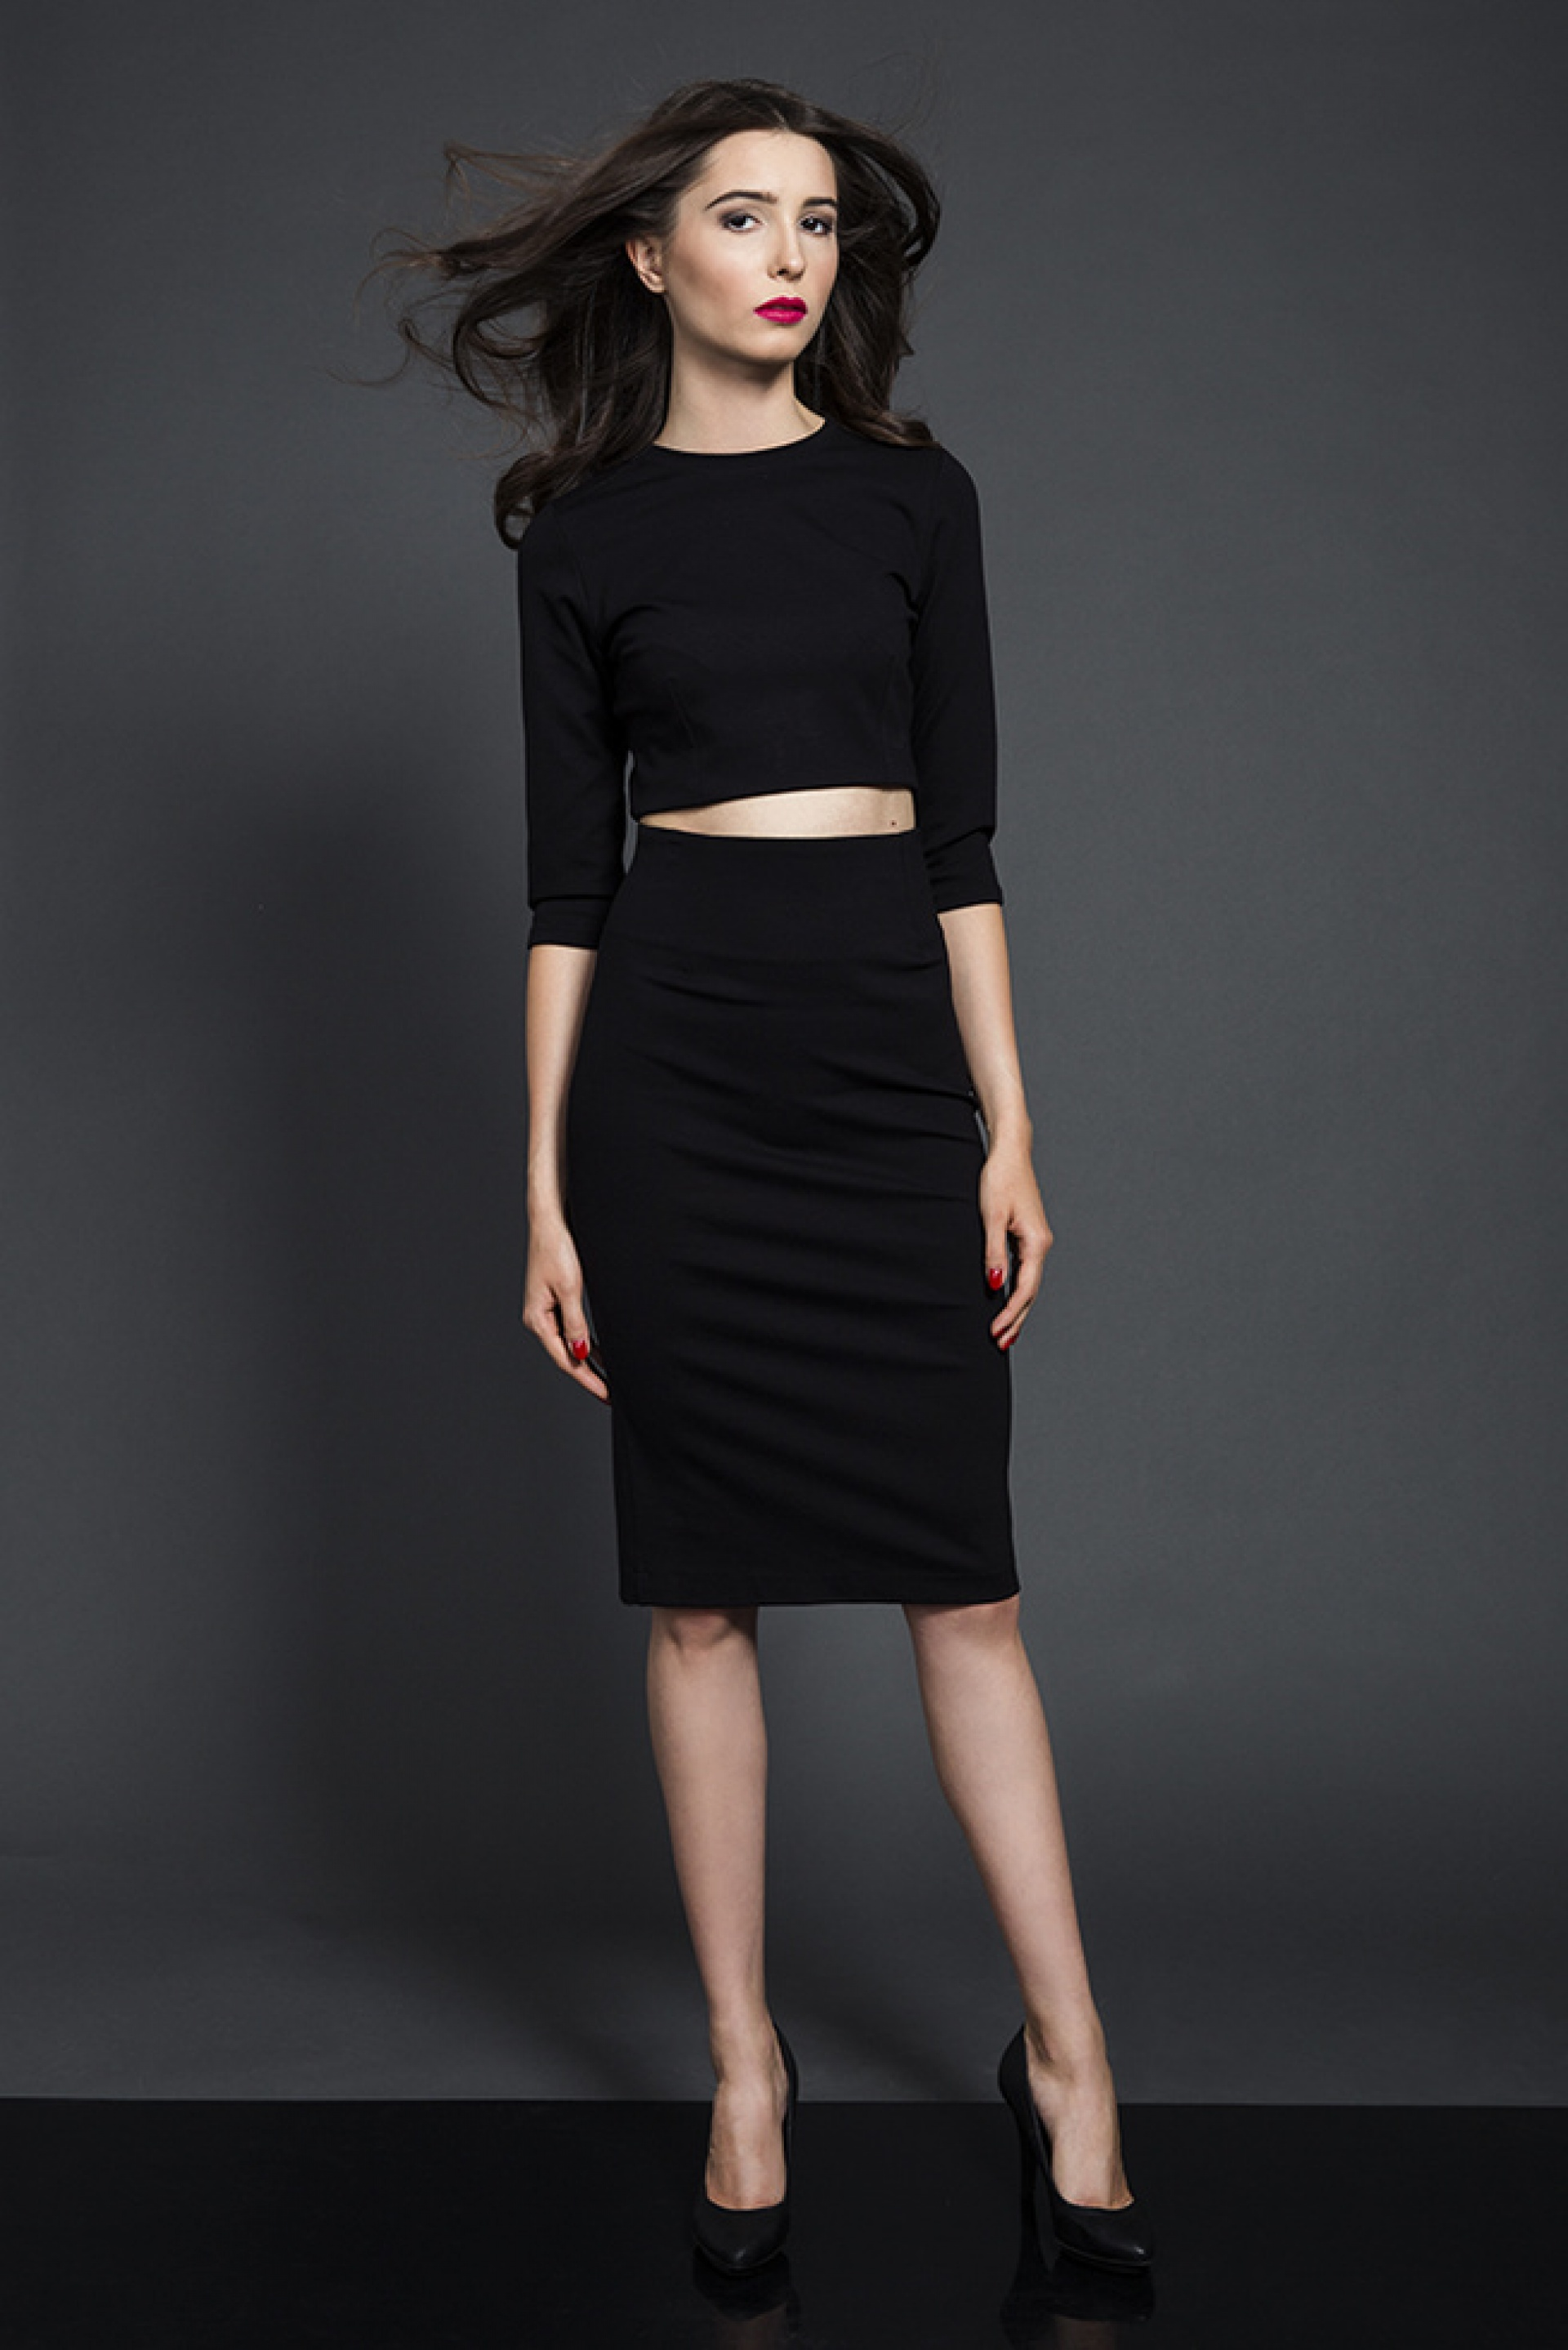 9d2501c30d71cf Sukienka komplet czarny Sukienka komplet czarny ...